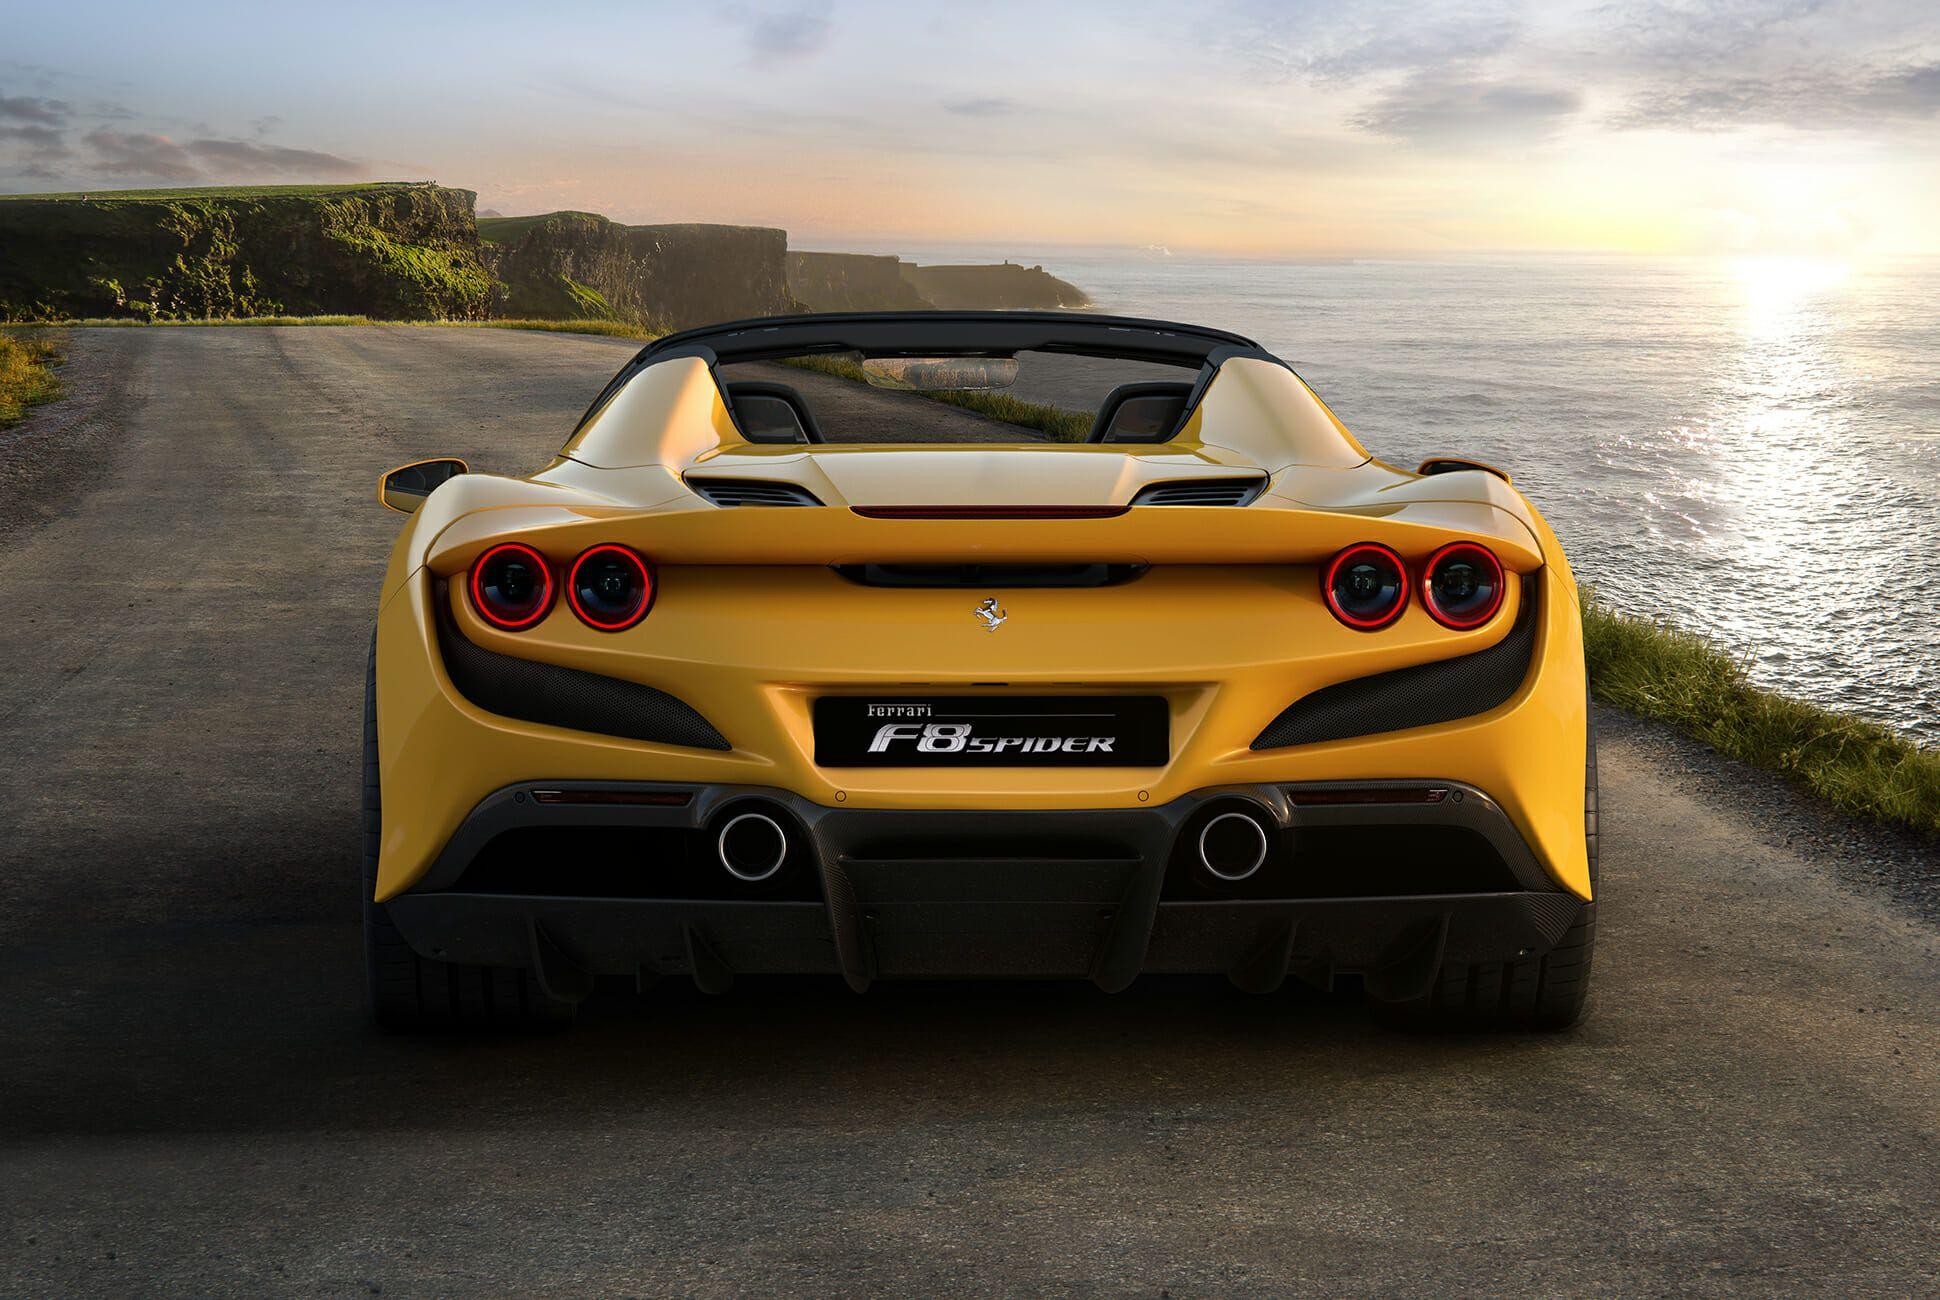 Ferrari-GTS-gear-patrol-slide-09